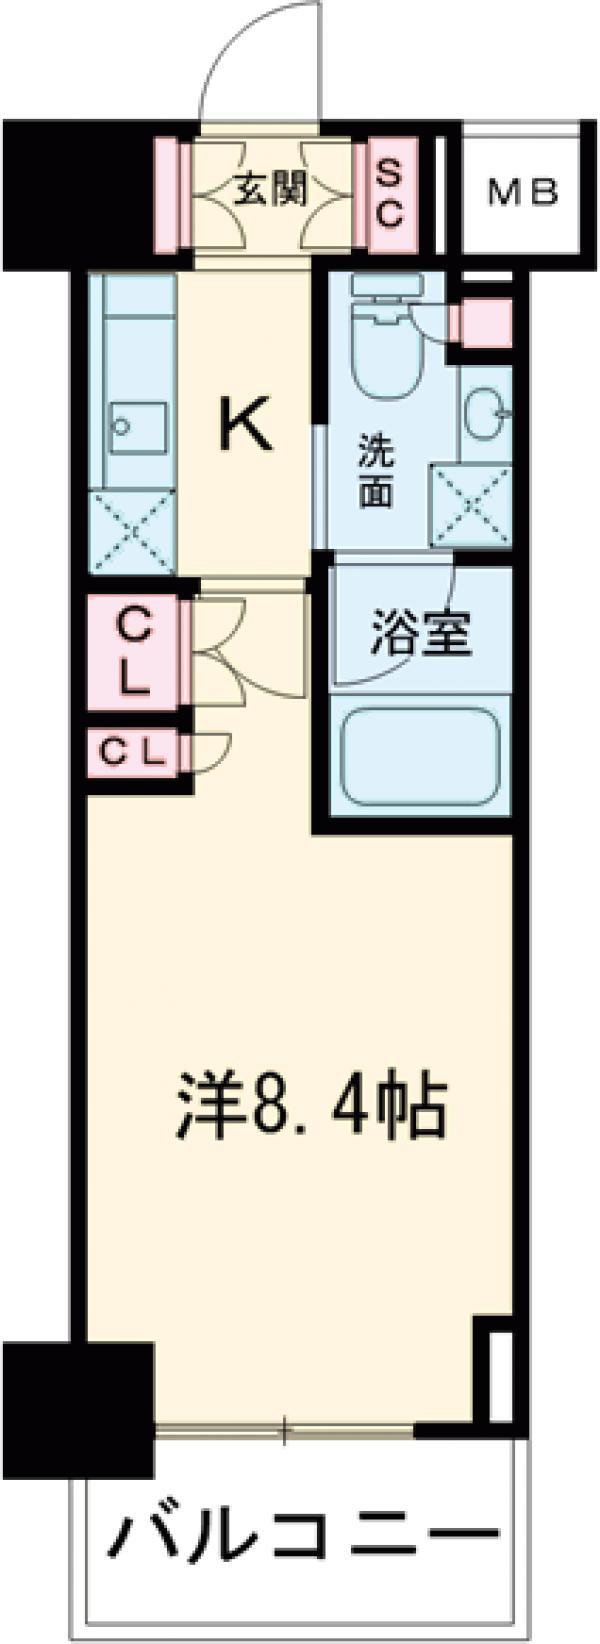 プラウドフラット西早稲田・202号室の間取り